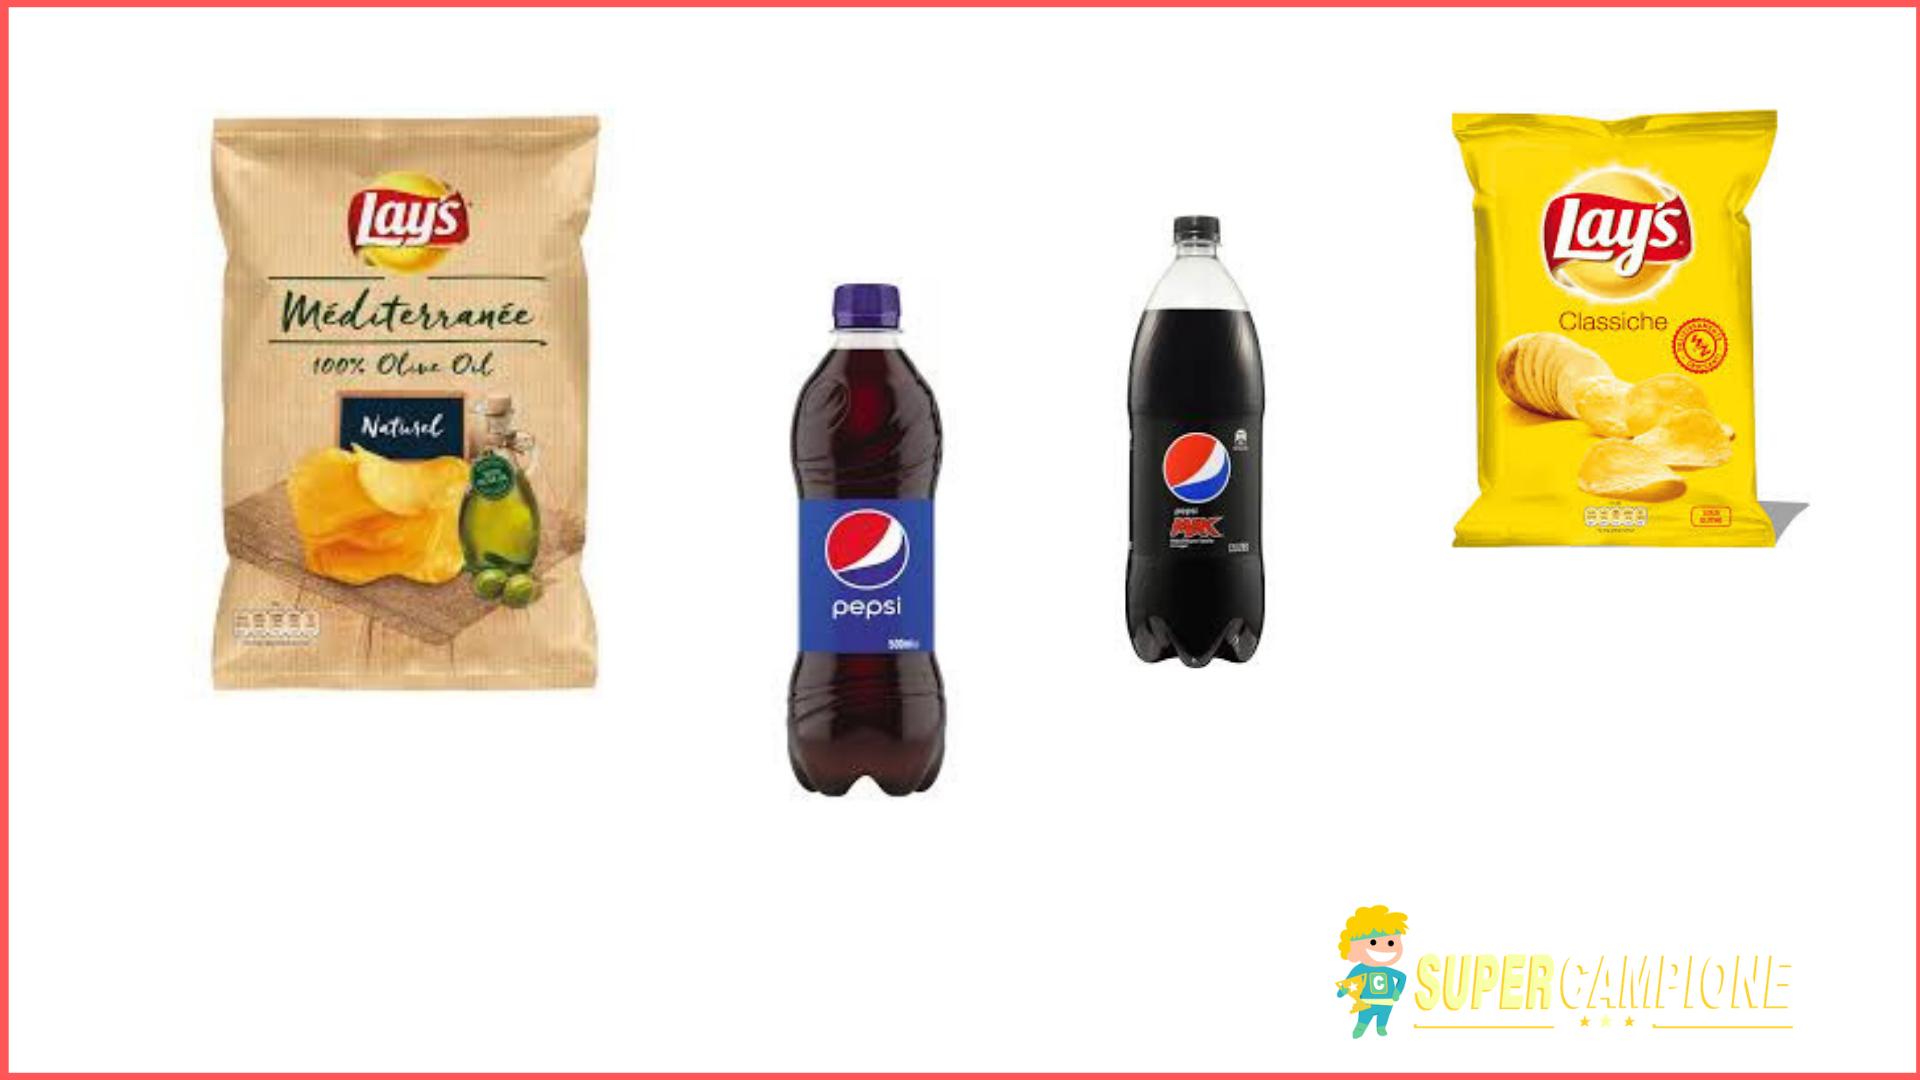 Supercampione - Vinci forniture Pepsi e Lay's